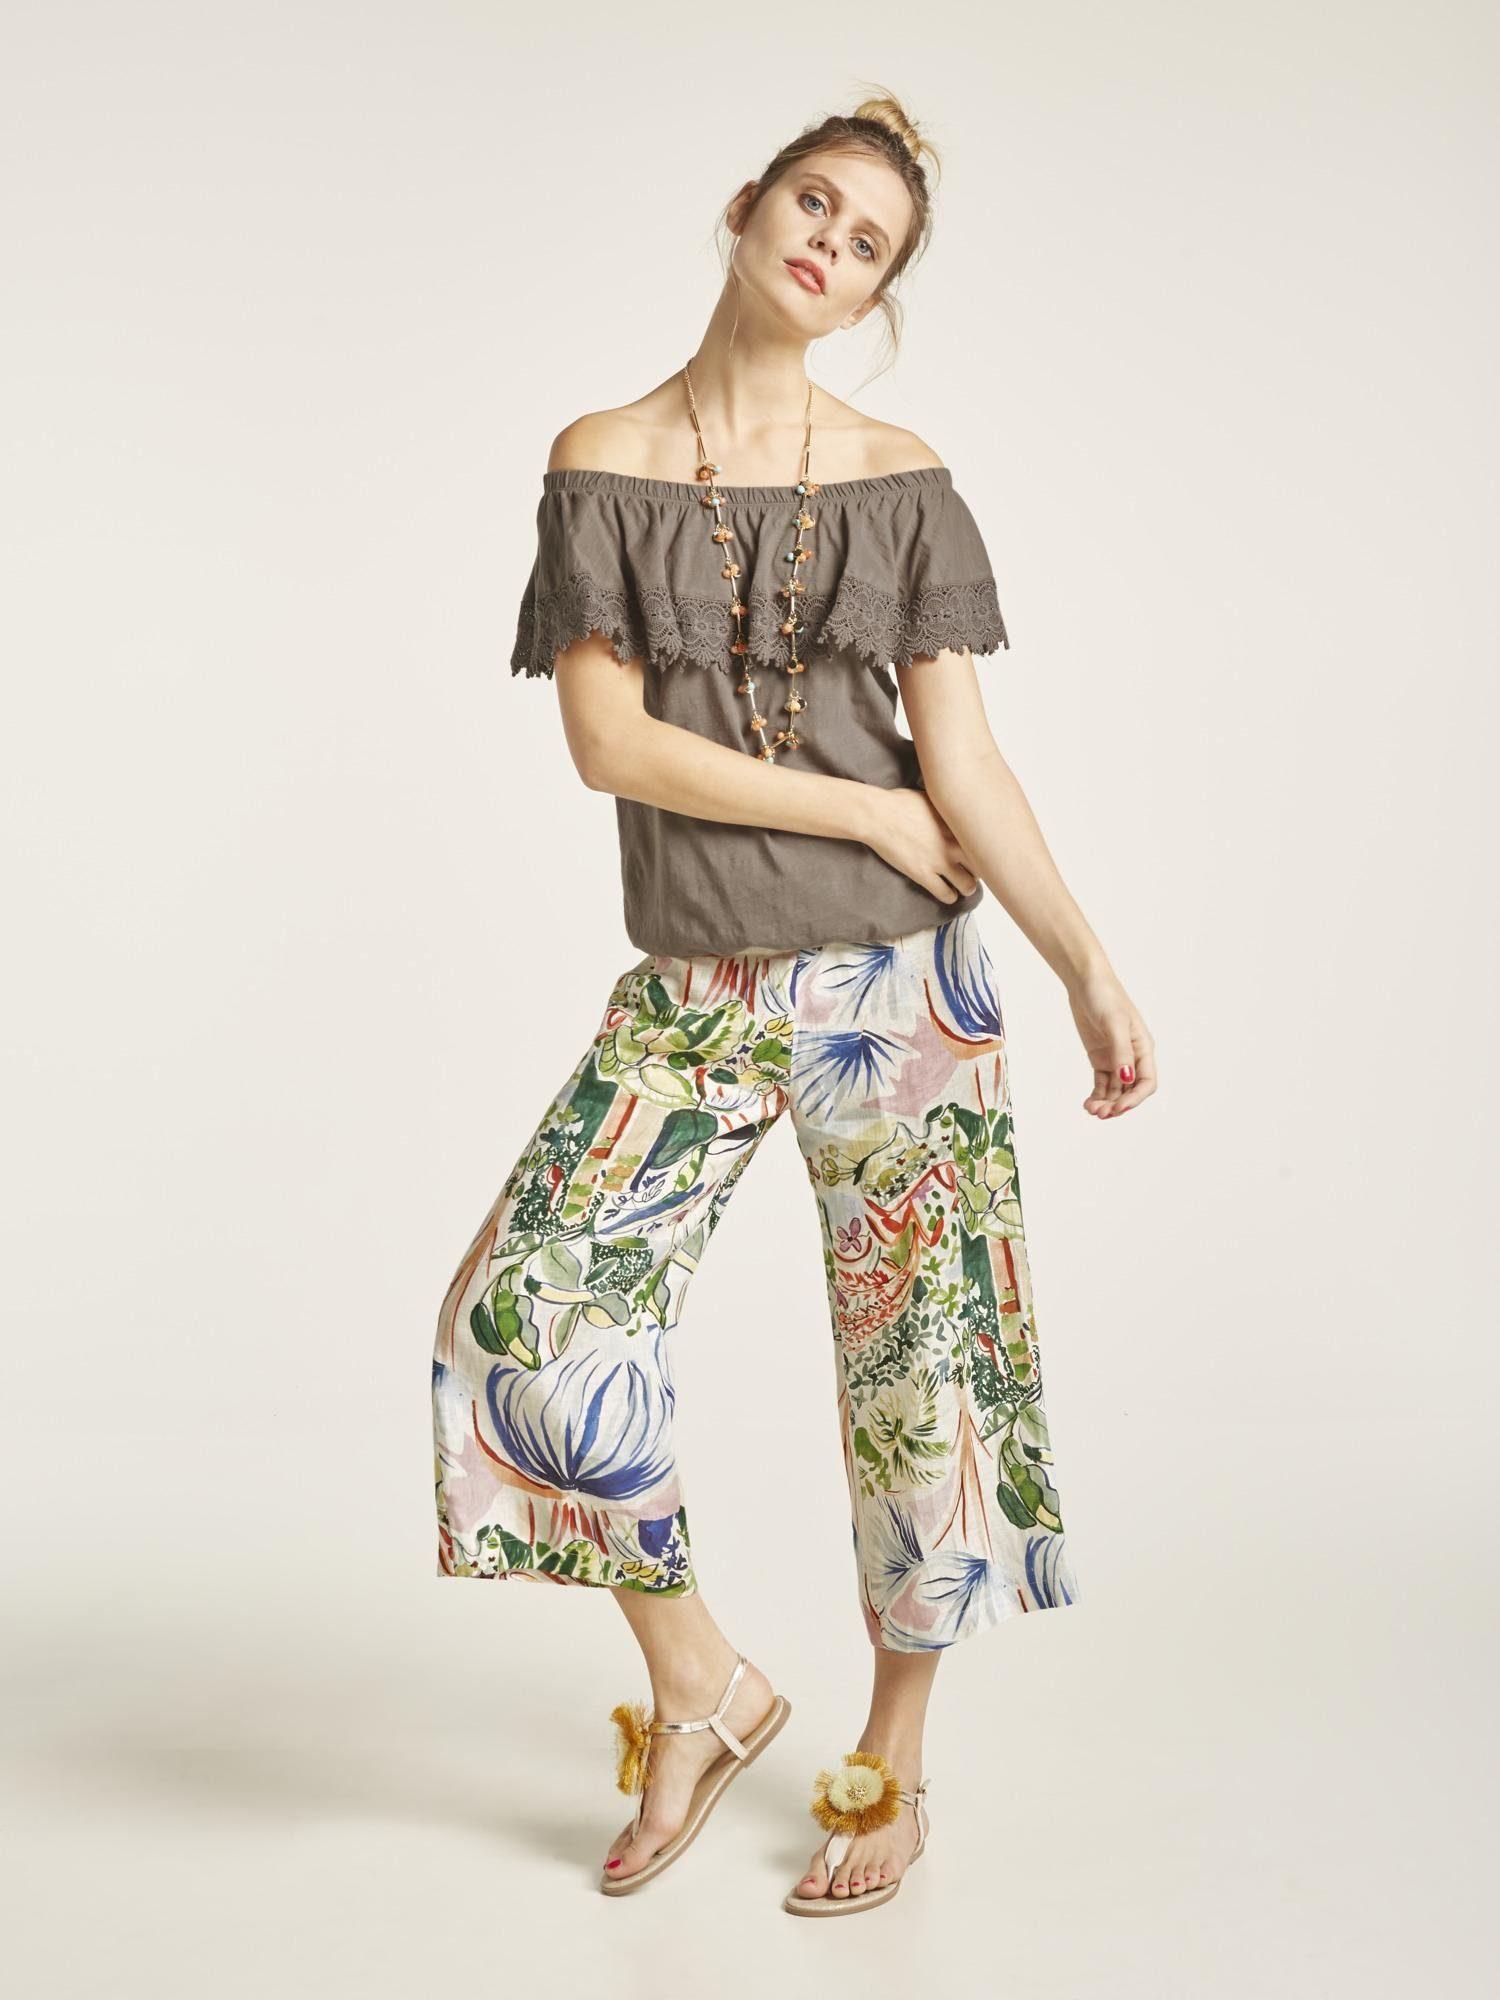 Online Style Heine Blumenprint Kaufen Druckhose 29YbEeWDHI